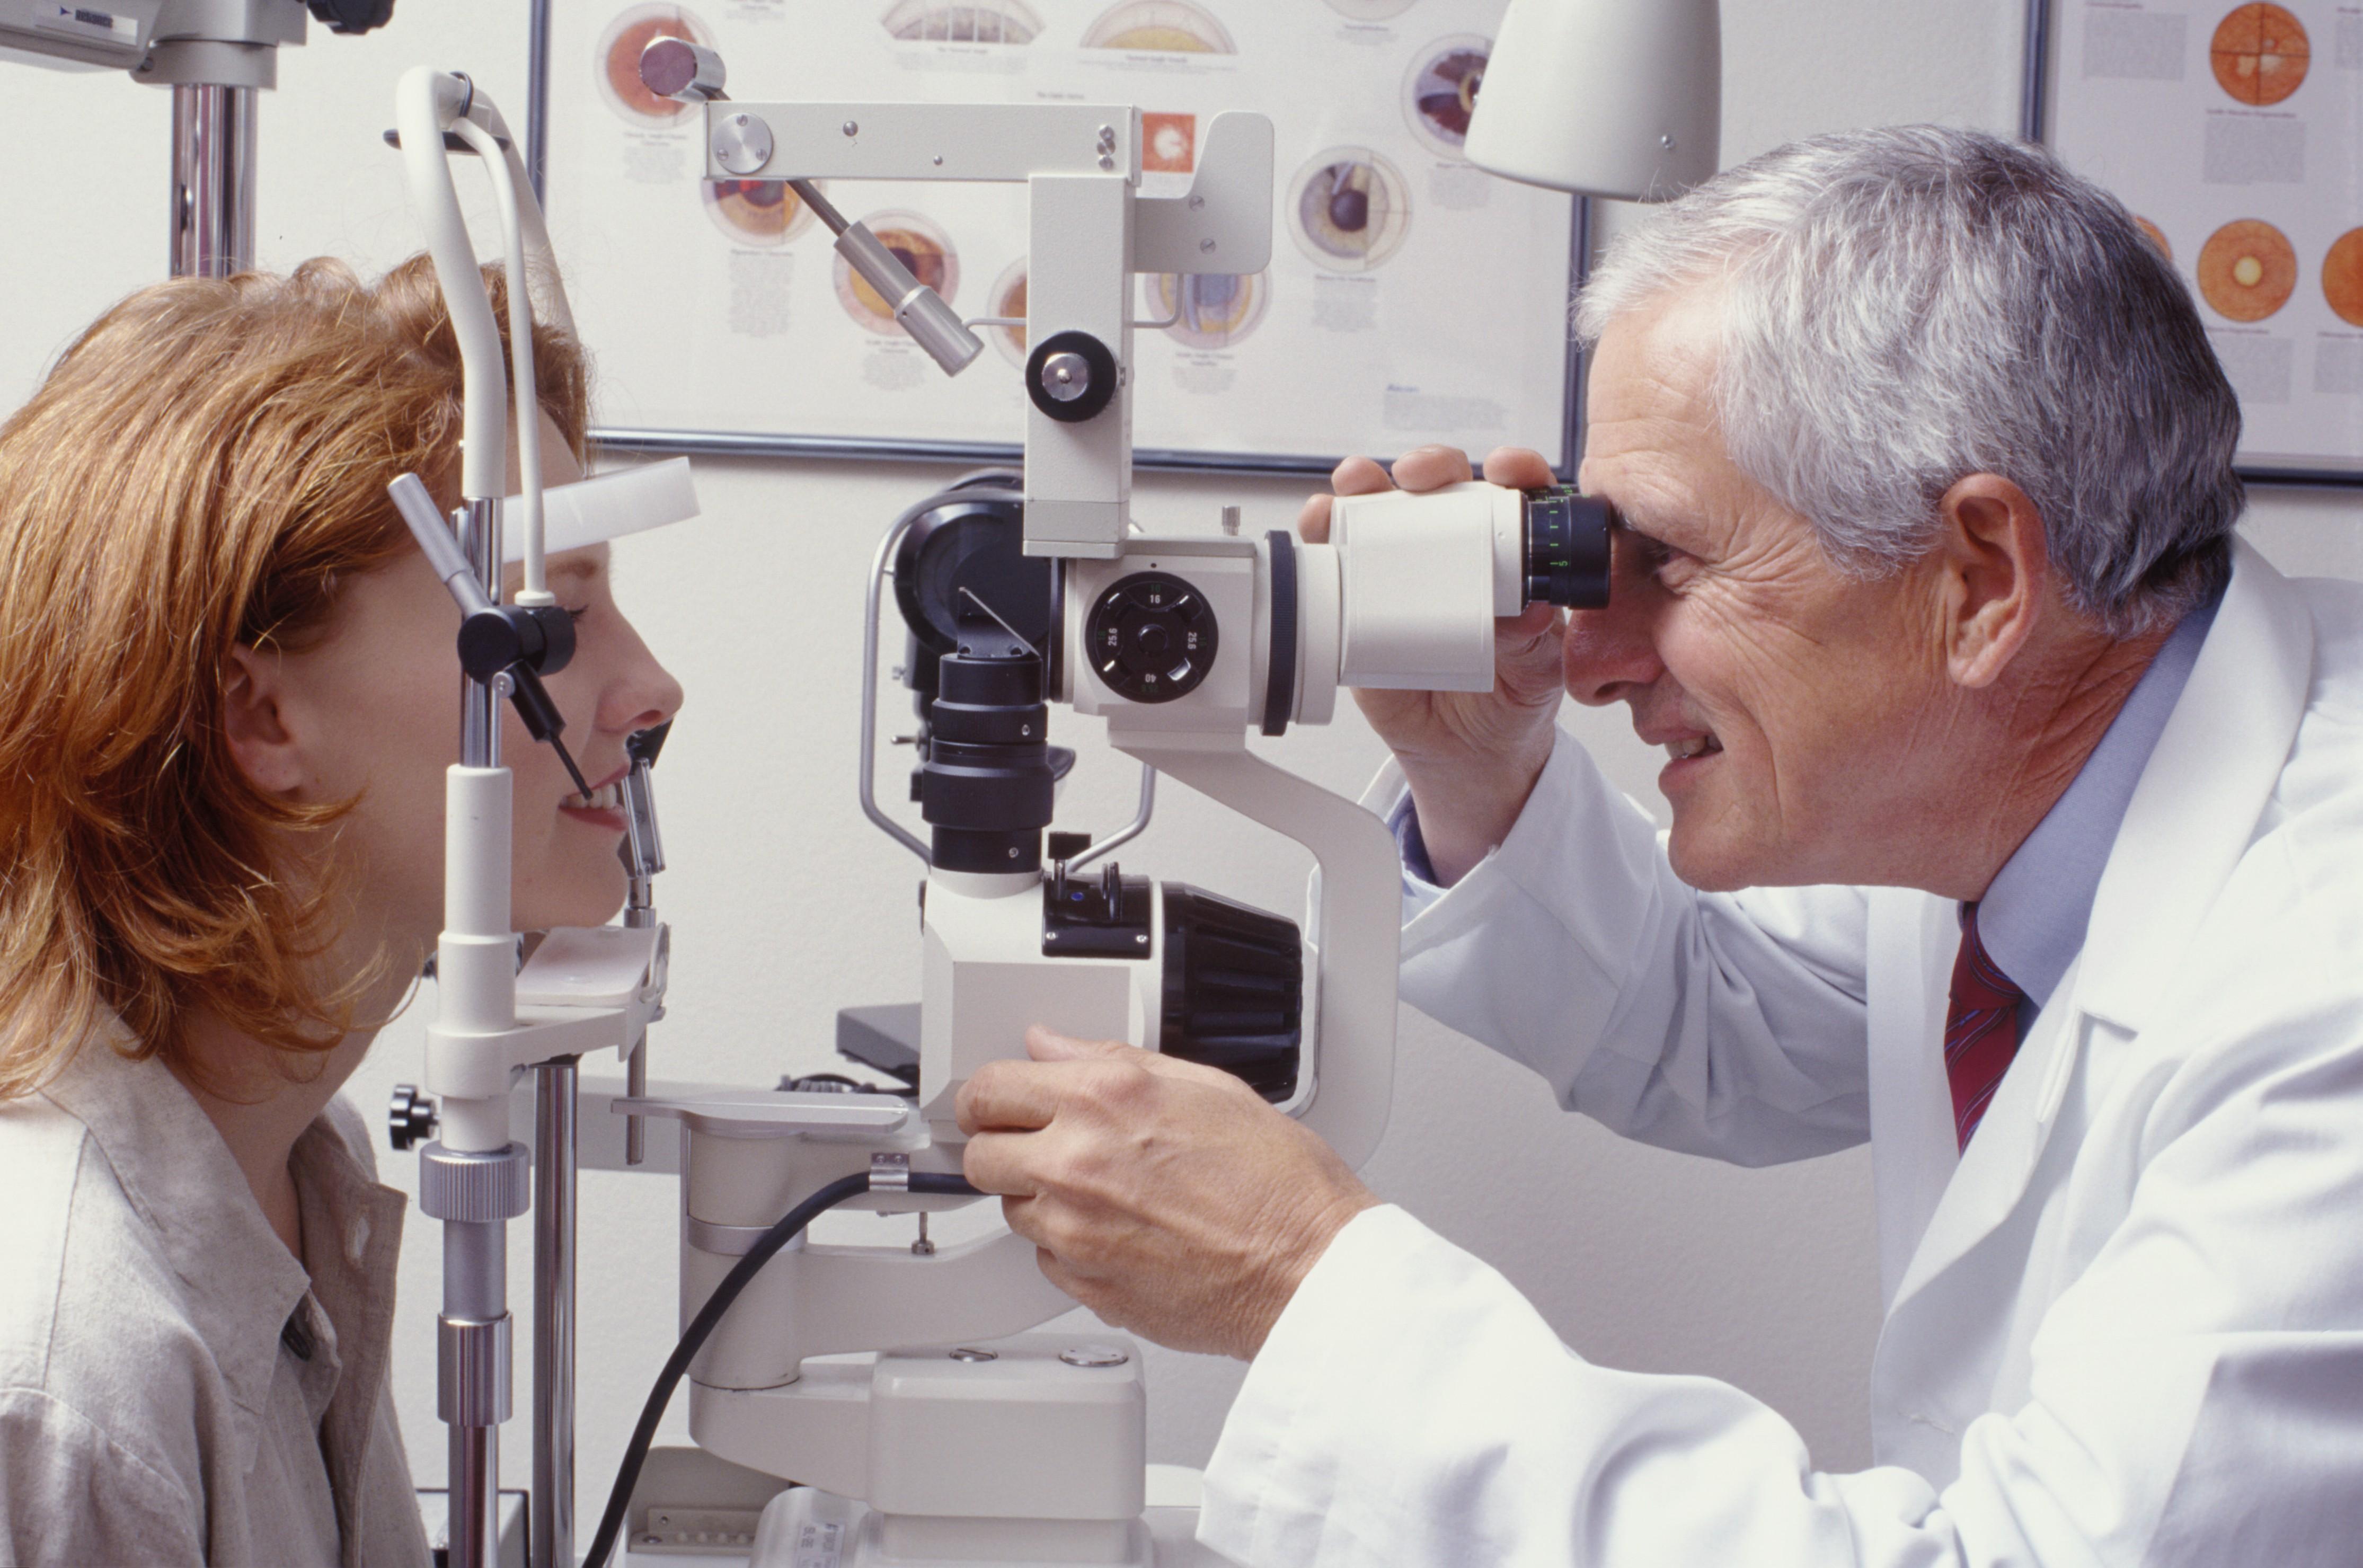 oftalmologista santo amaro